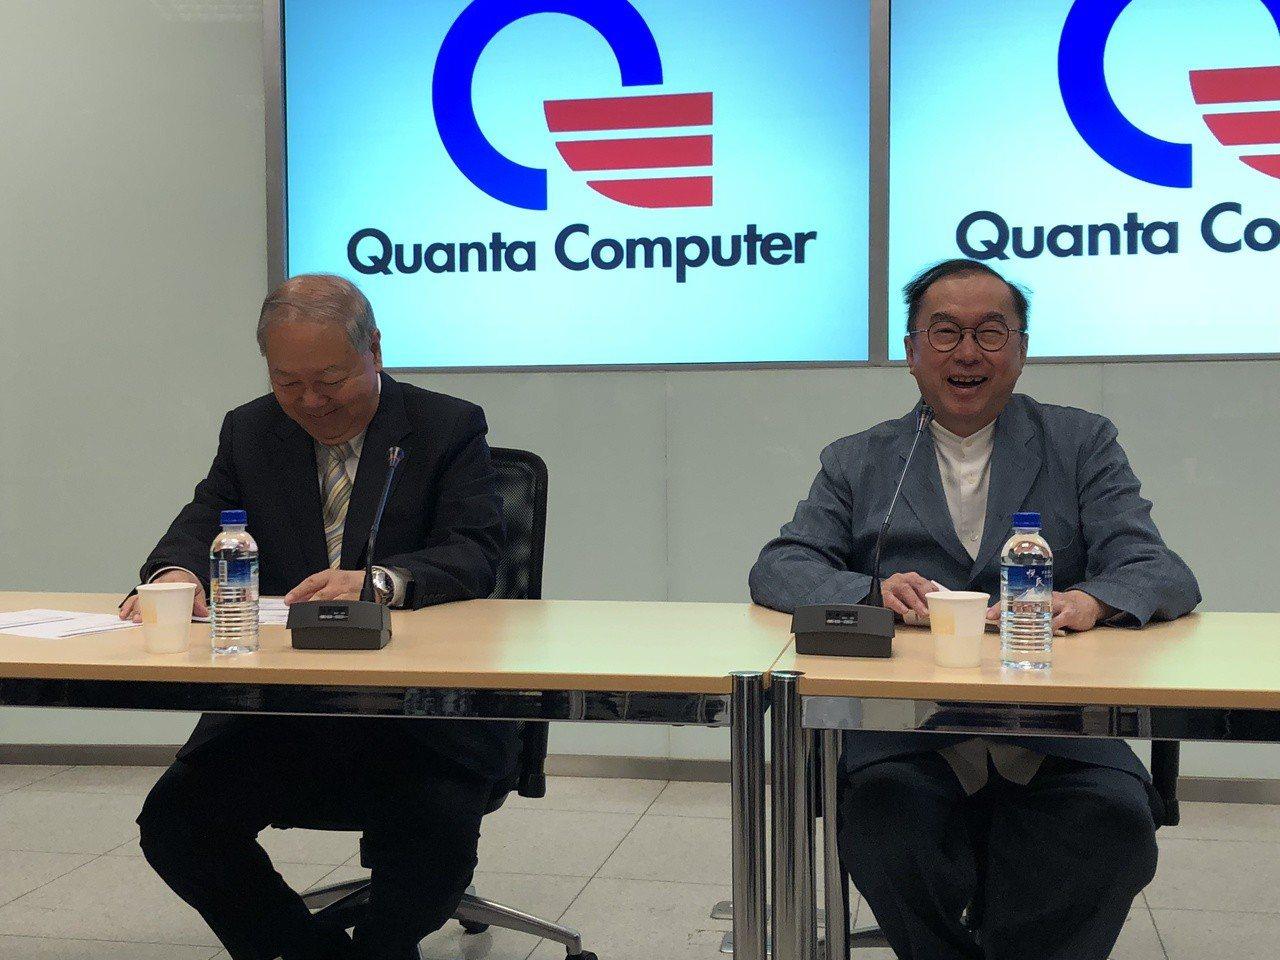 廣達董事長林百里(右)與副董事長暨總經理梁次震。記者蕭君暉/攝影